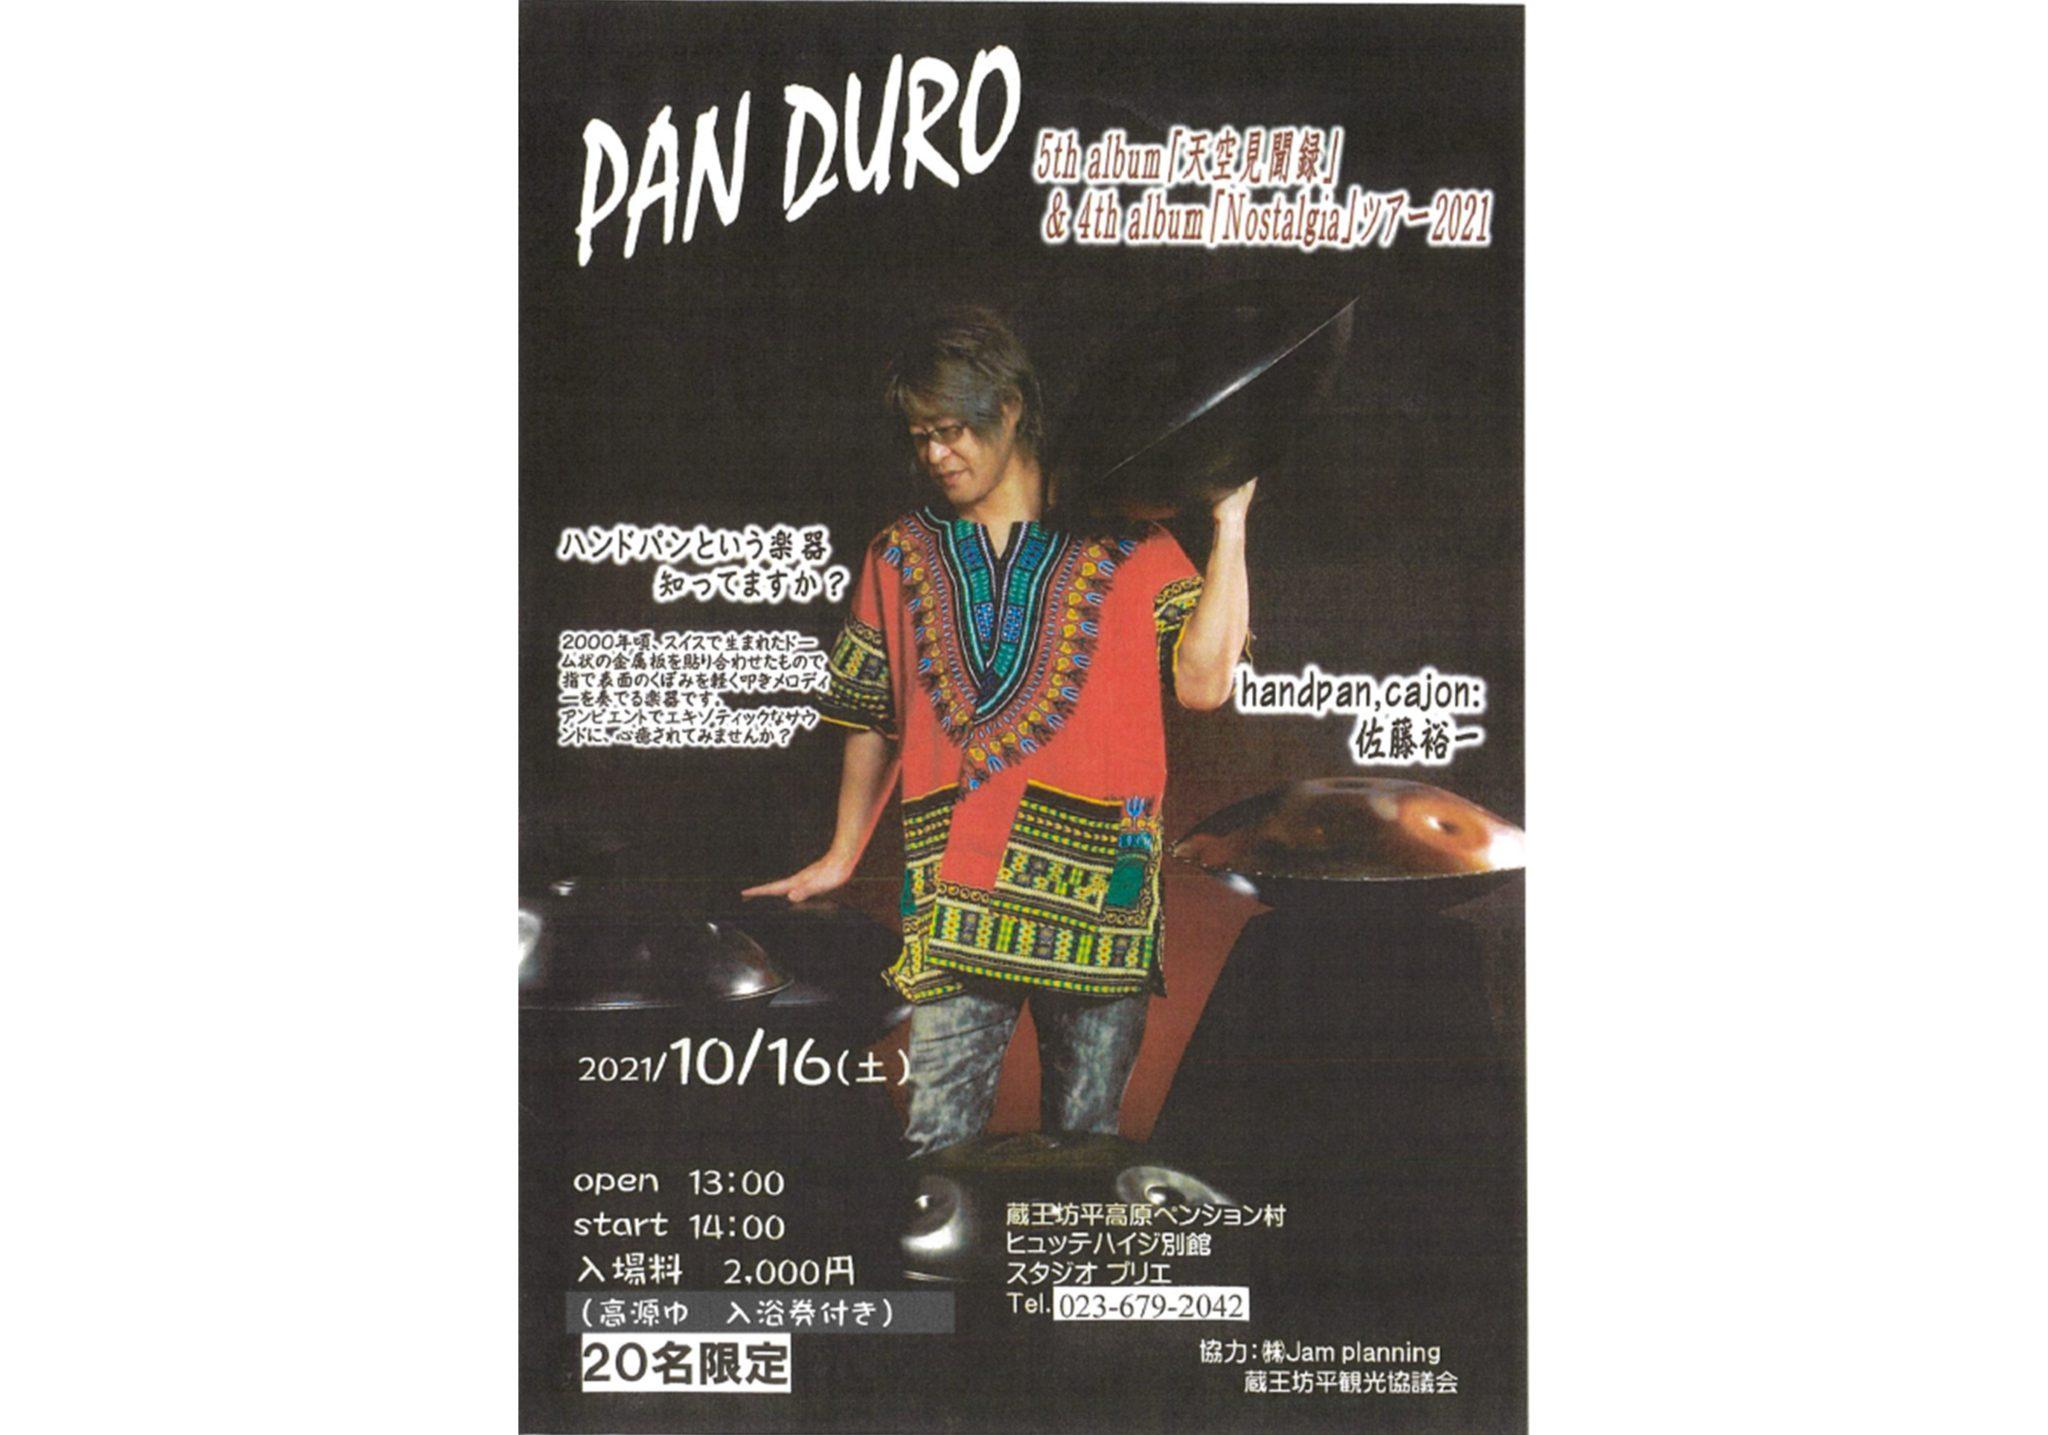 PAN DURO  5th album「天空見聞録」& 4th album「Nostalgia」ツアー2021